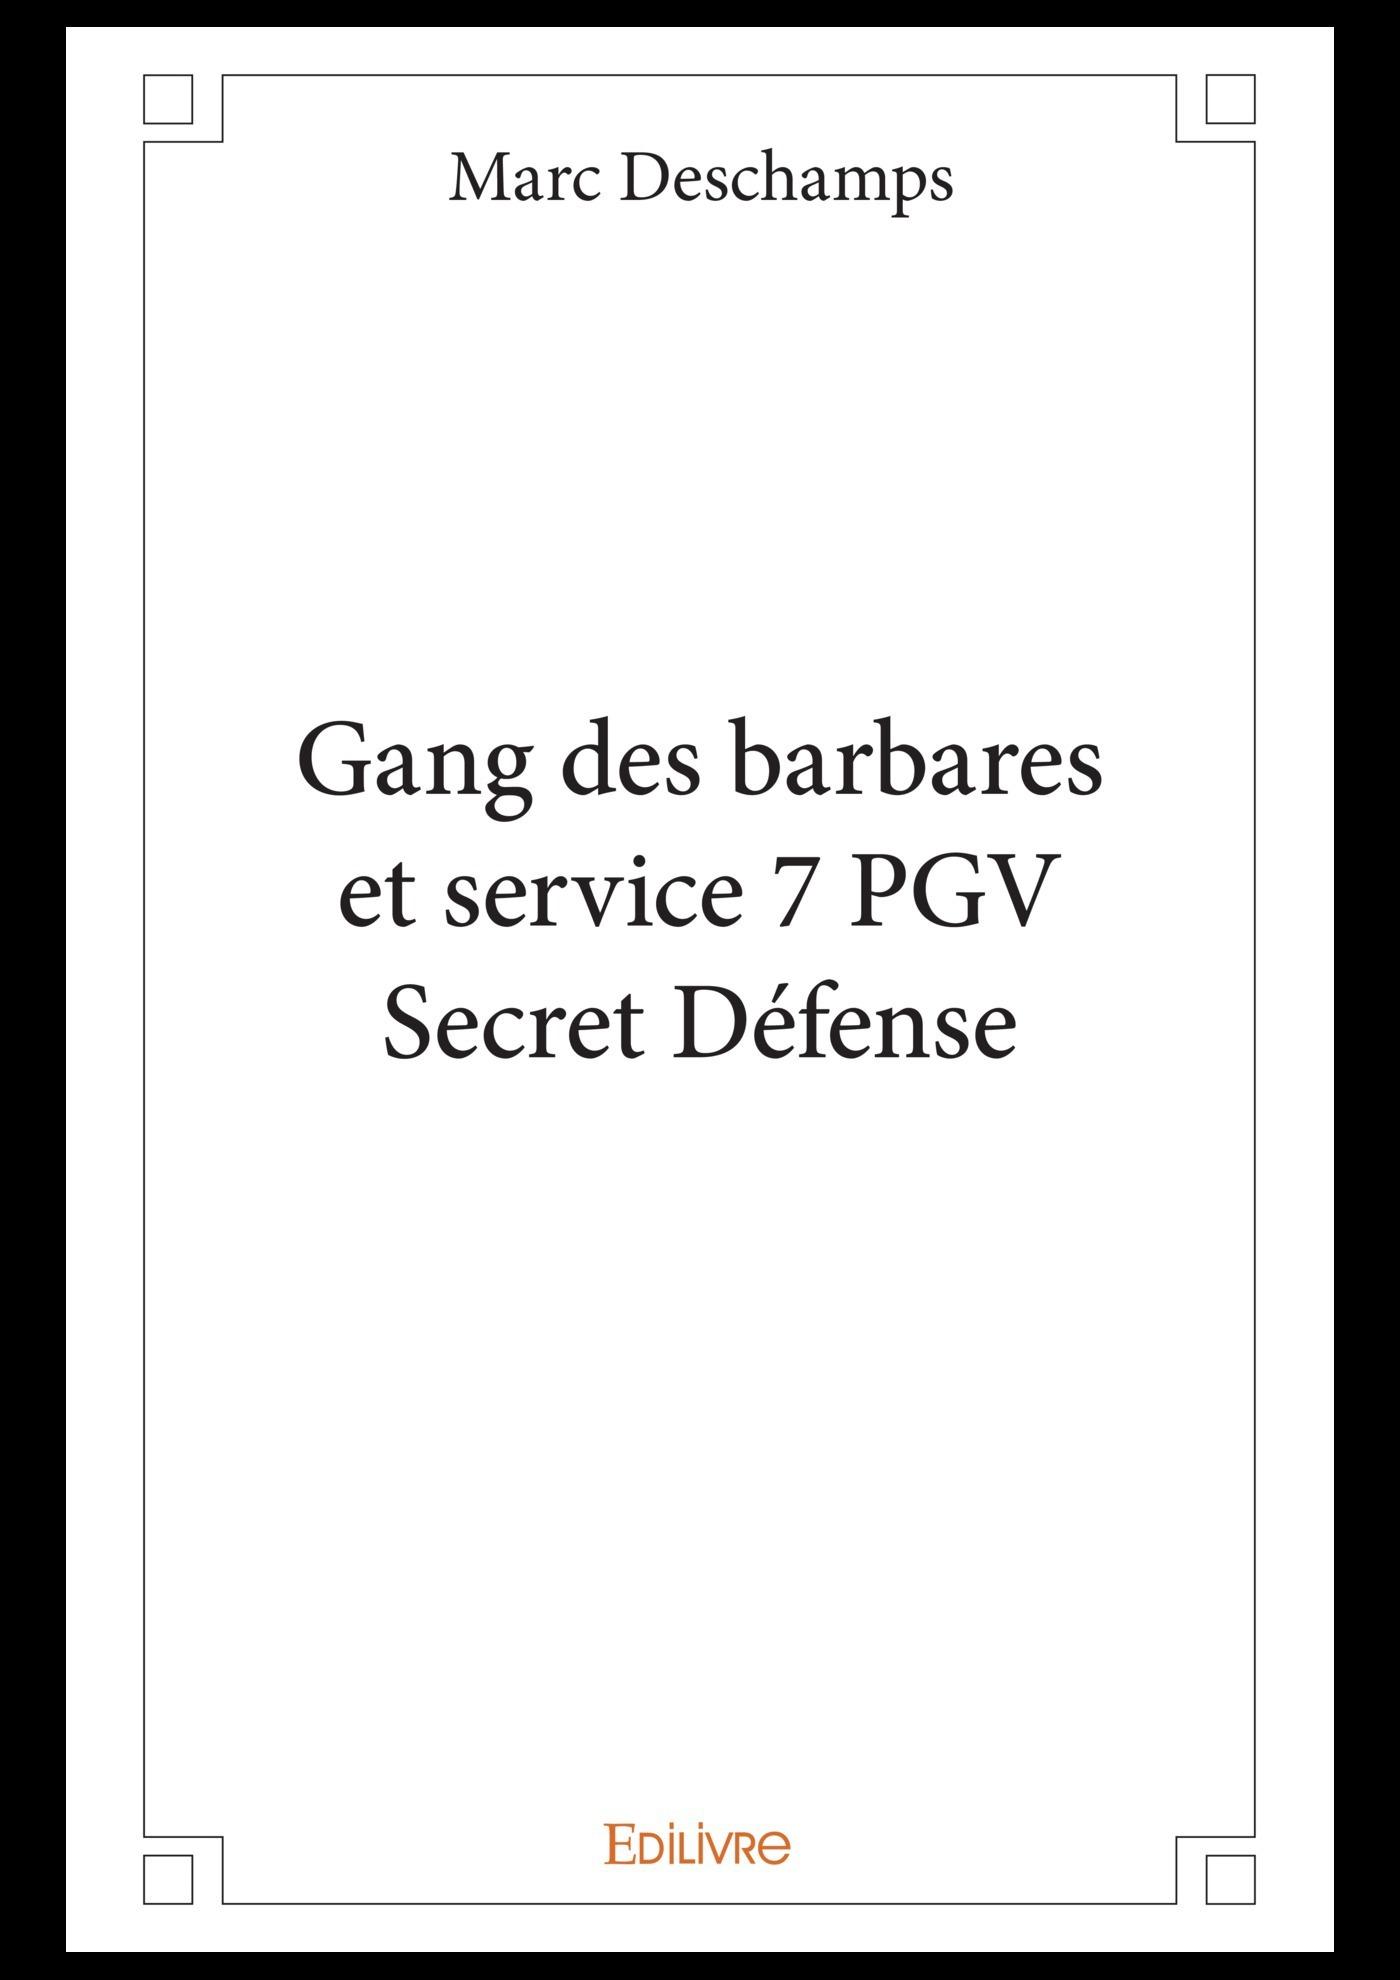 Gang des barbares et service 7 PGV Secret Défense